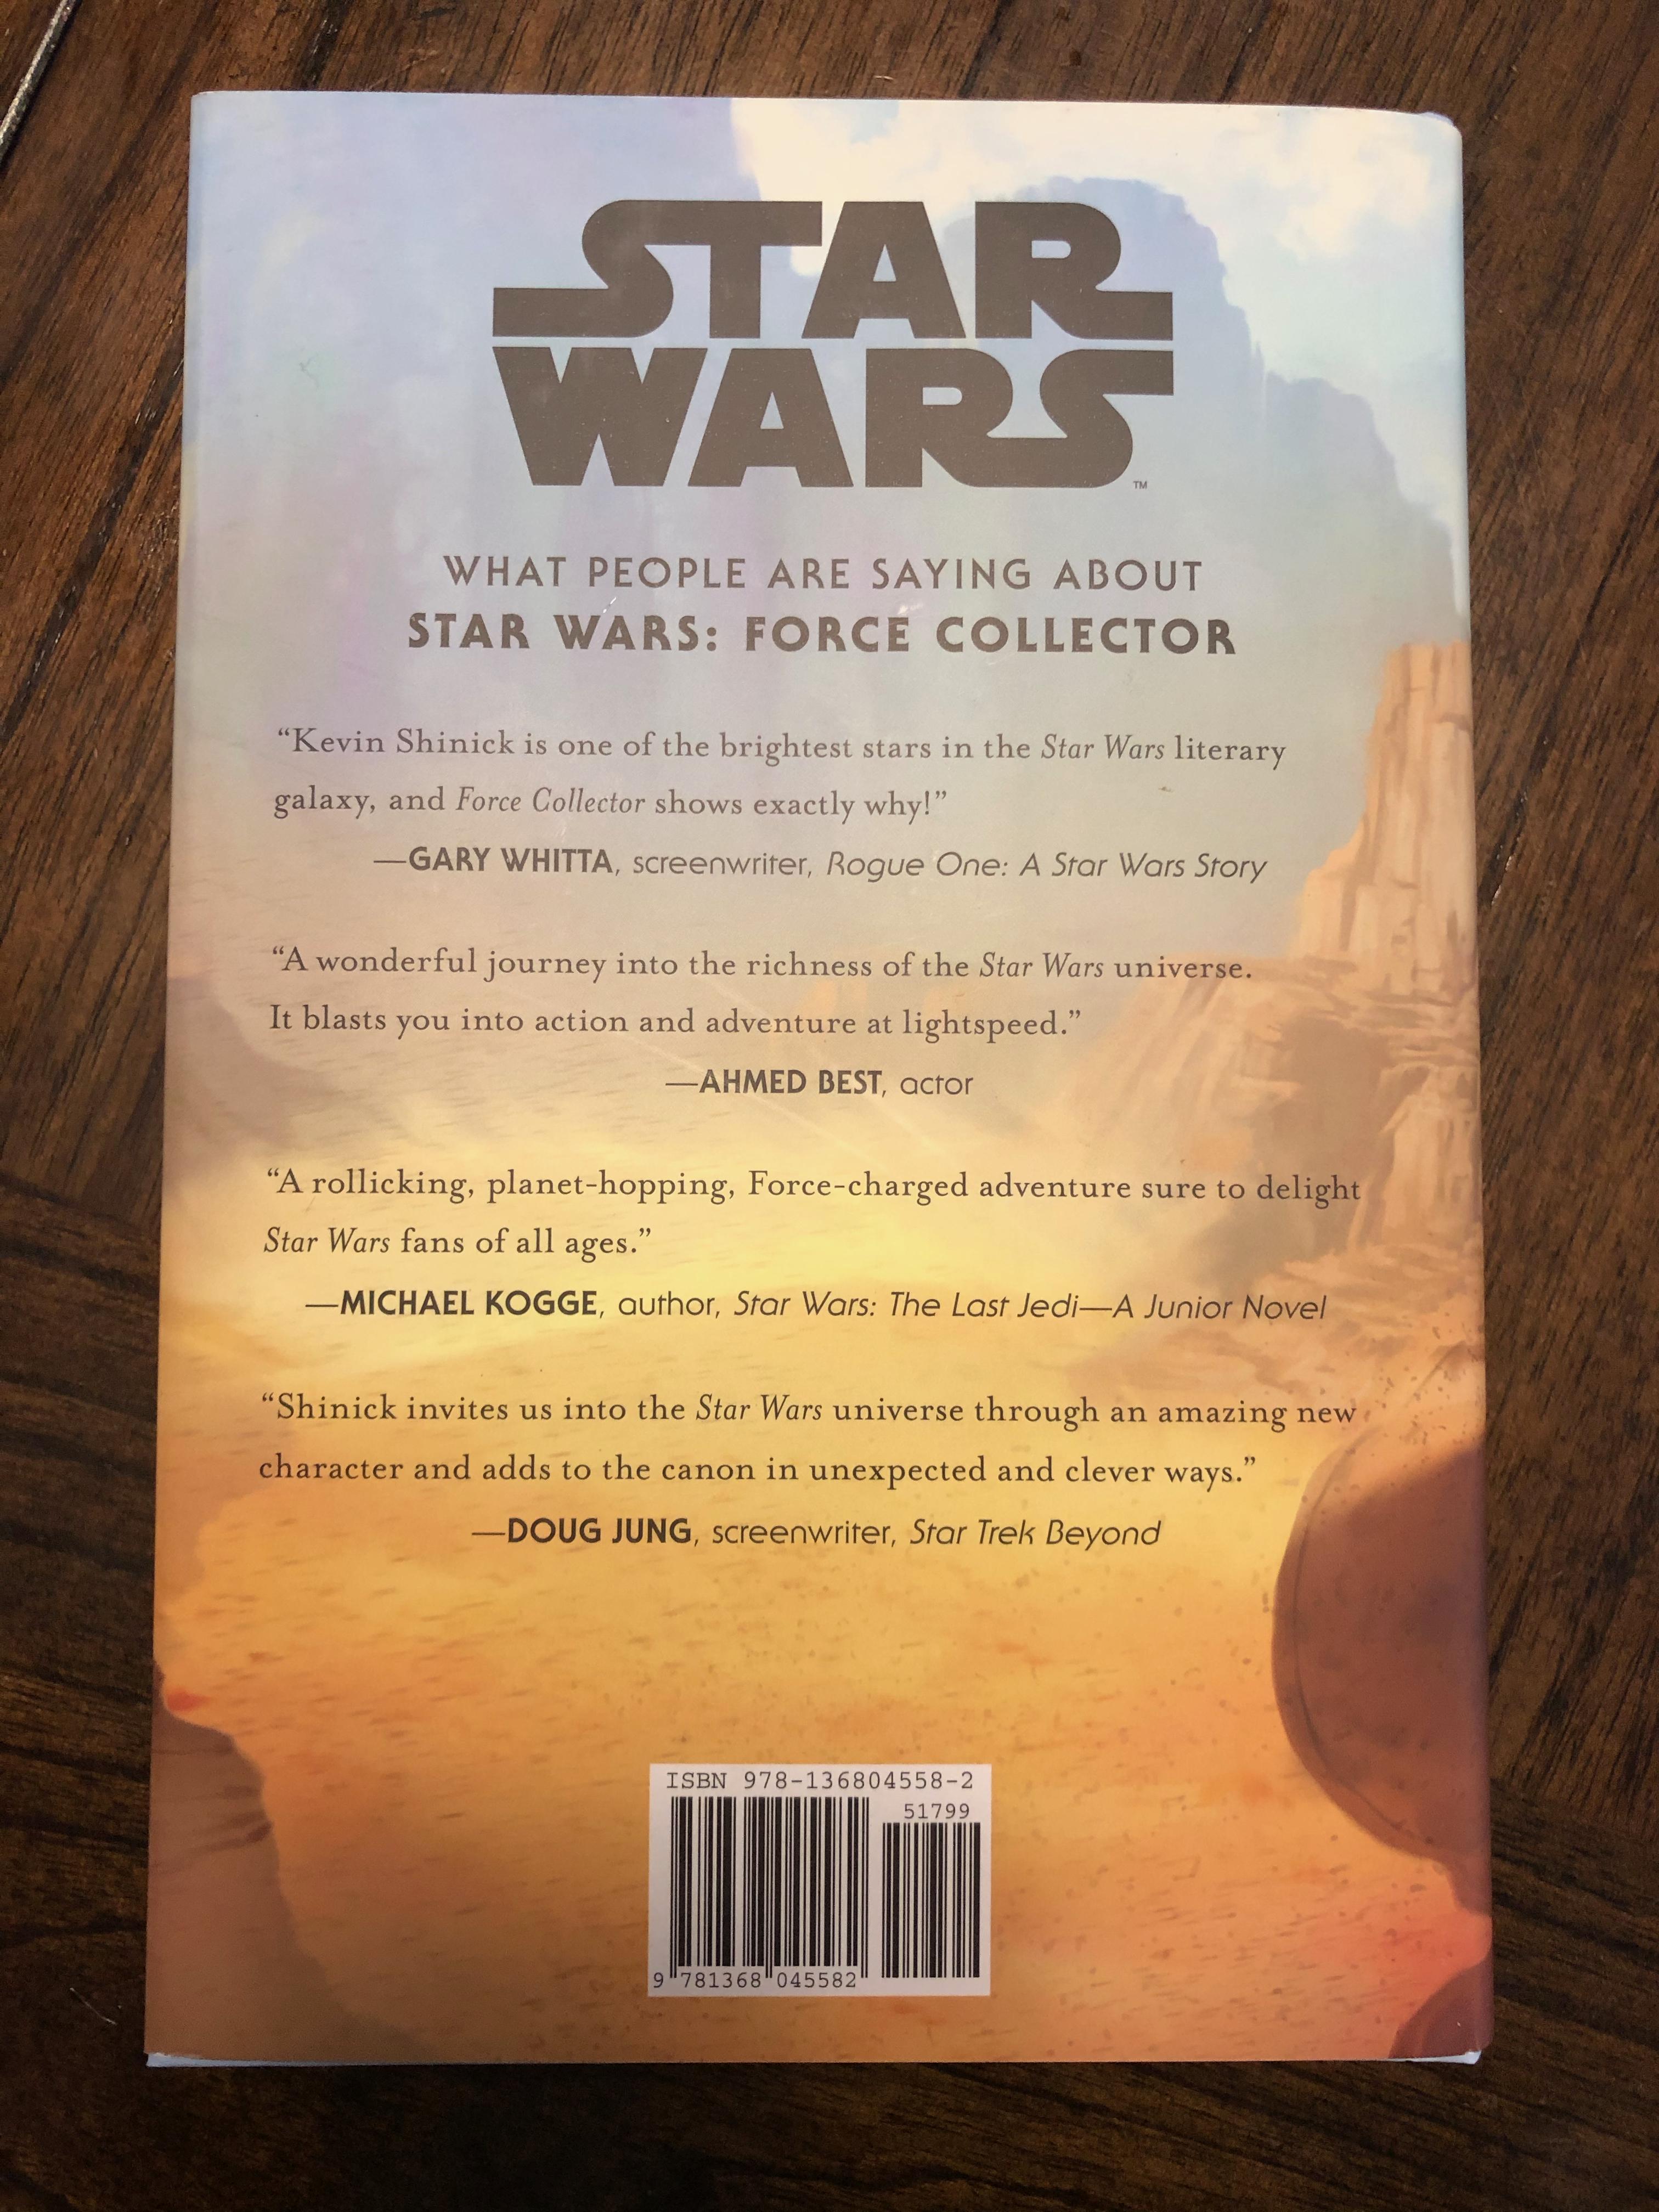 Disney Star Wars galaxys edge resistance reveal Poe Dameron pin presale 8//15